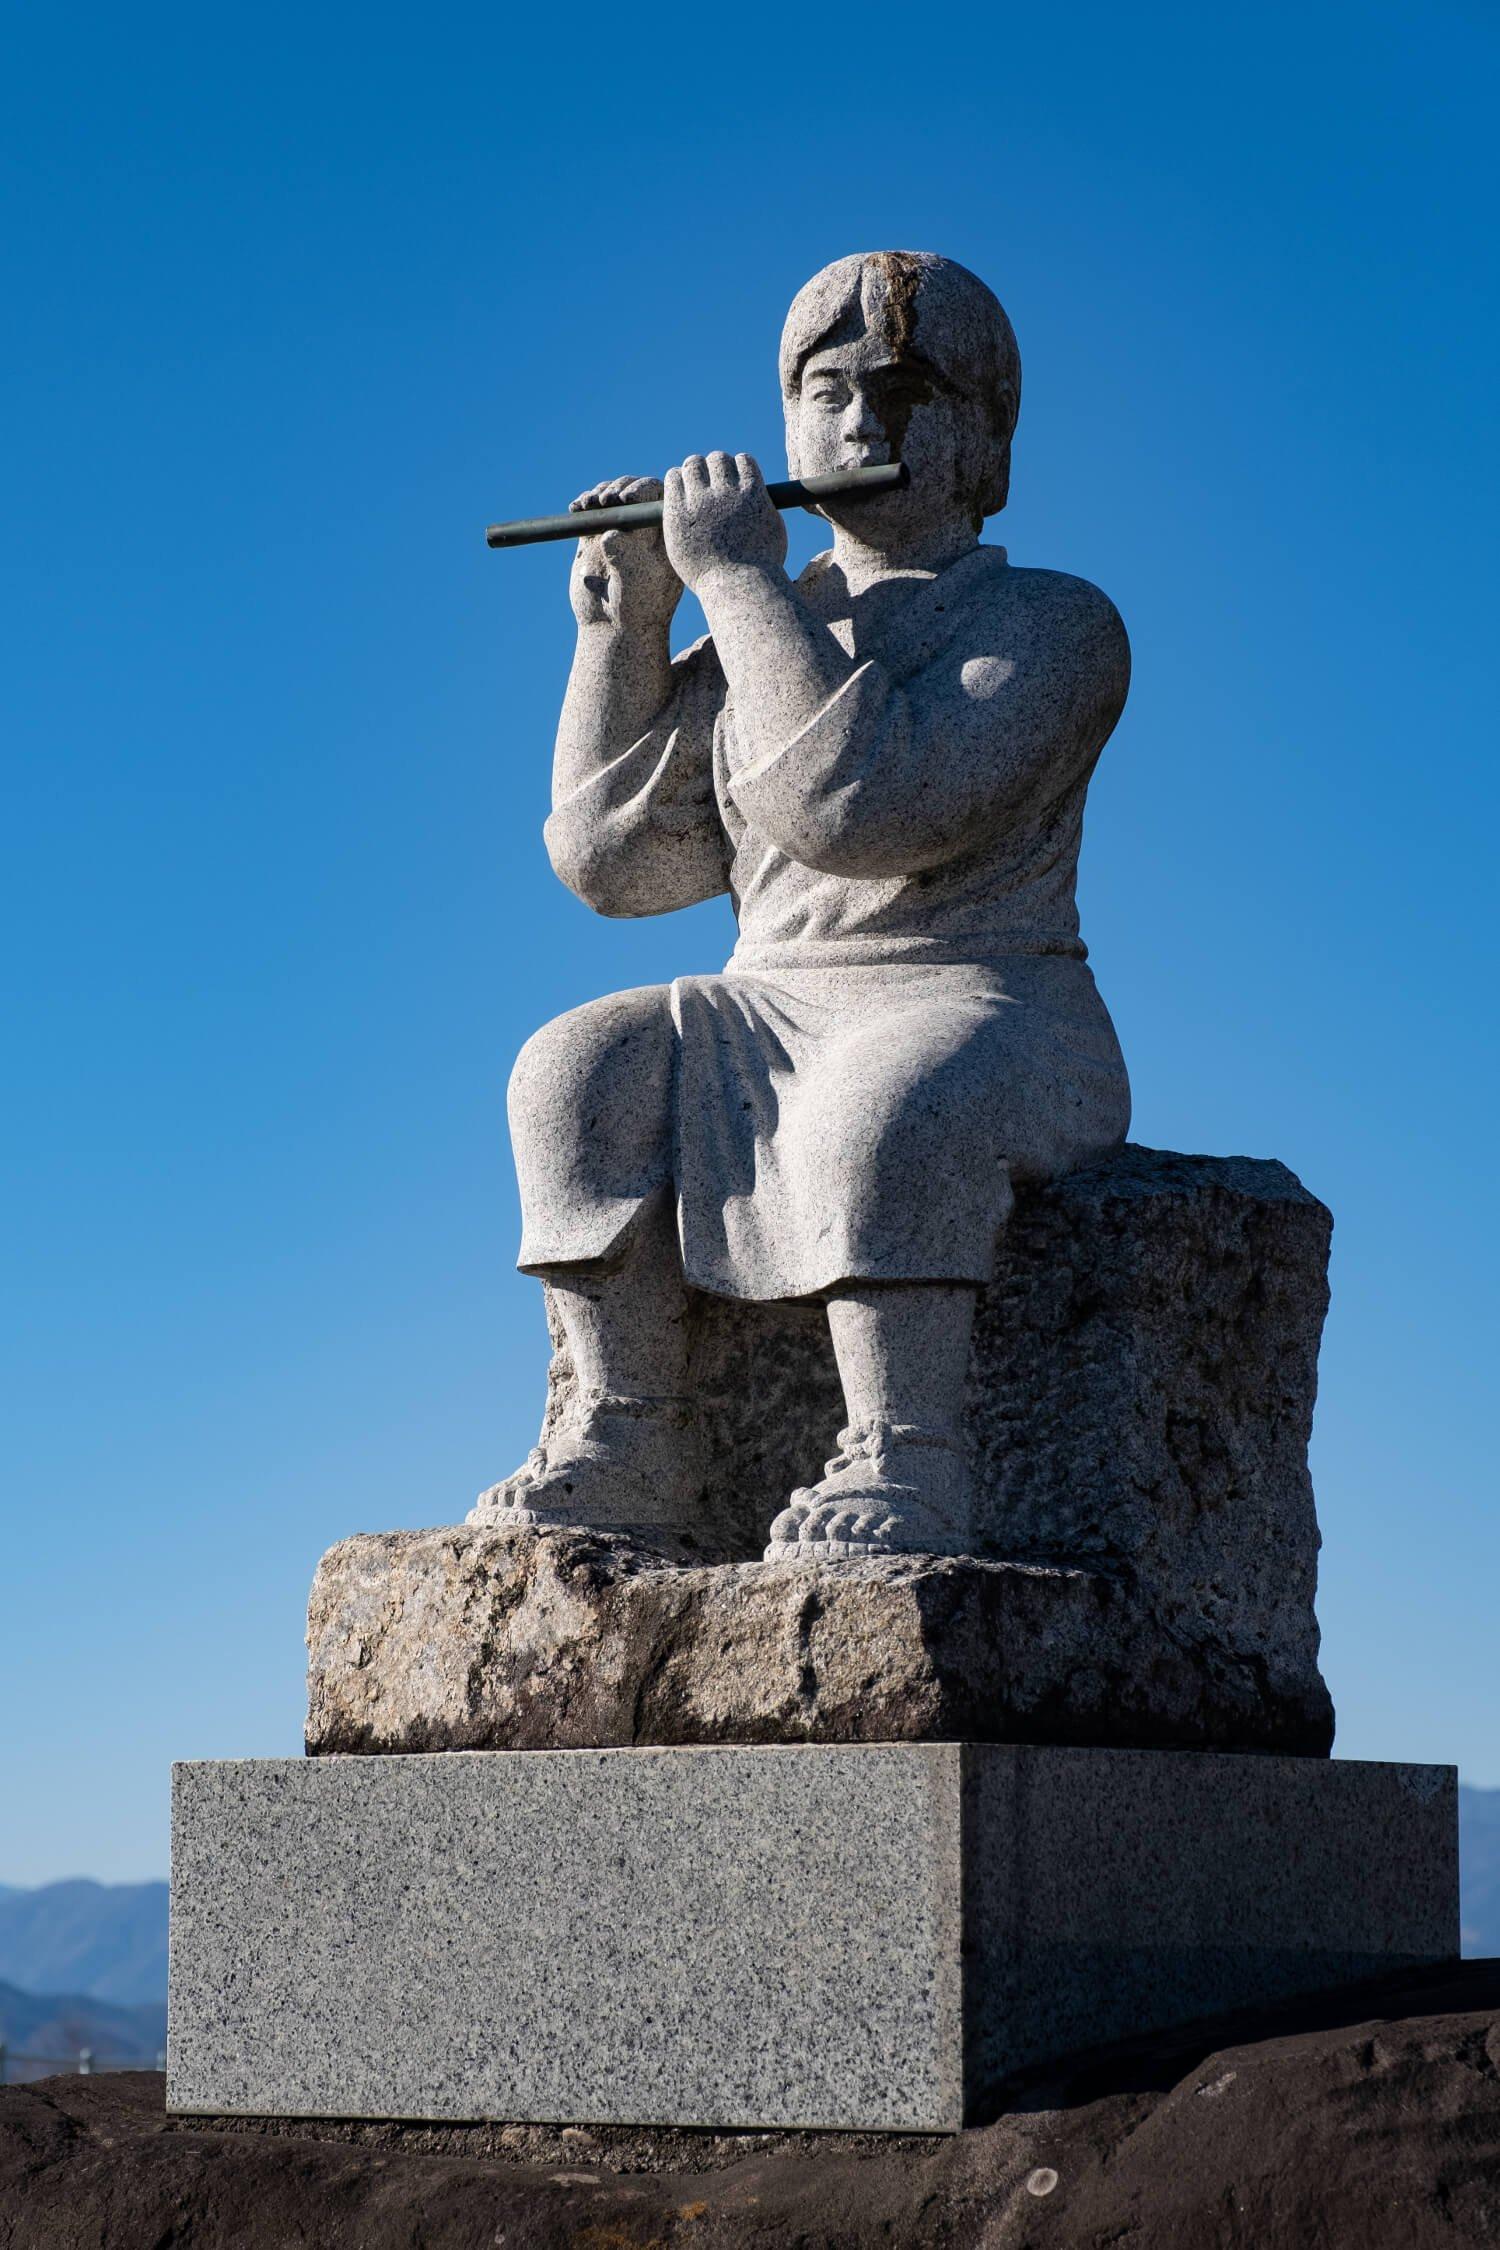 笛吹川を見通す道沿いにたたずむ笛吹権三郎之像。